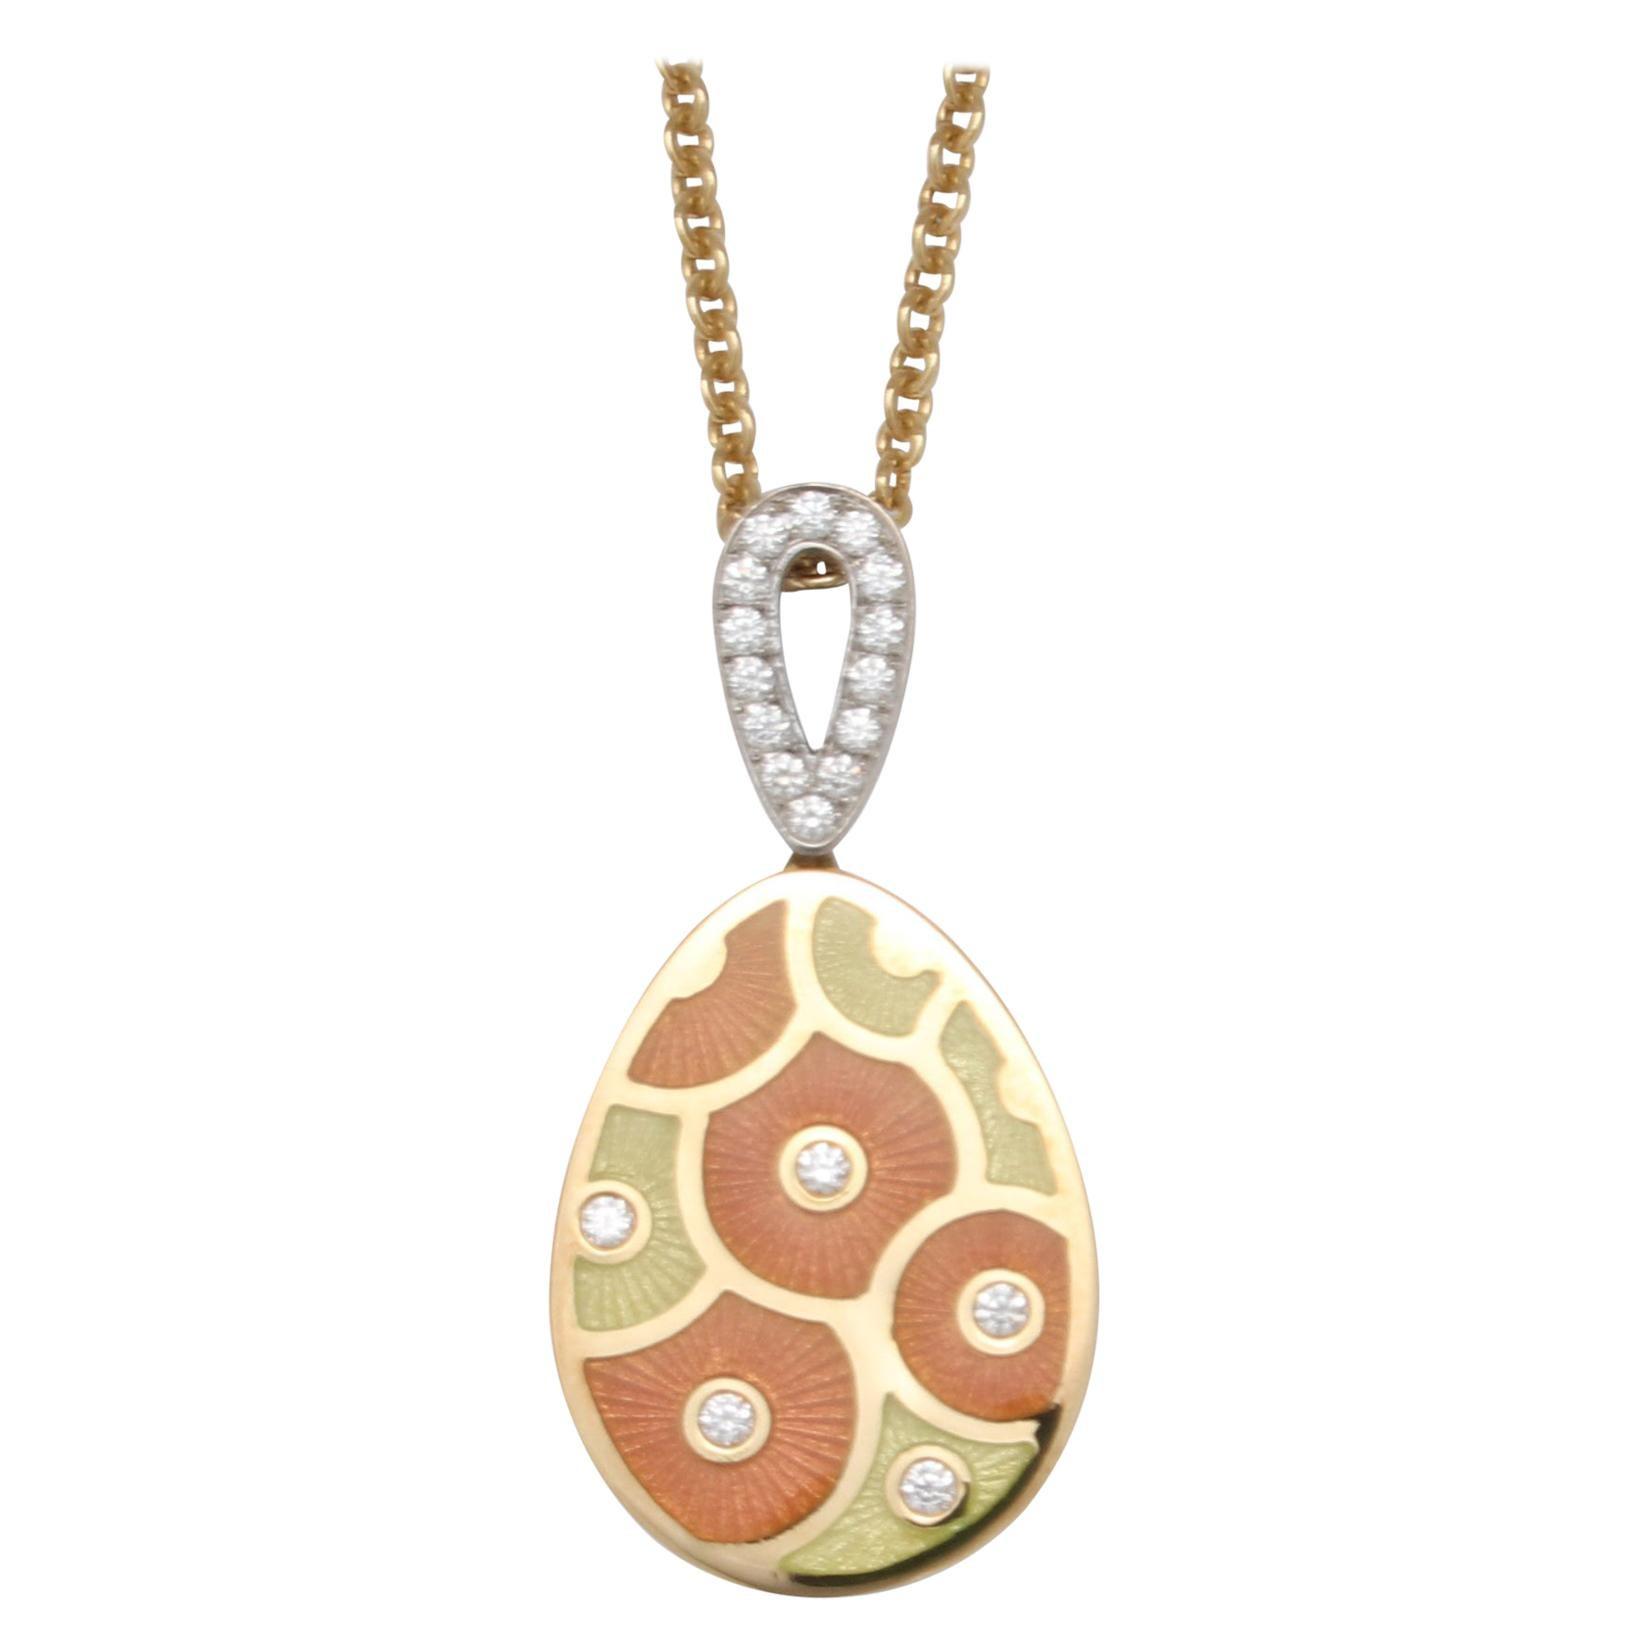 Fabergé Paraplui 18k Gold Enamel Necklace - Enamel, Diamonds 0,215 Ct